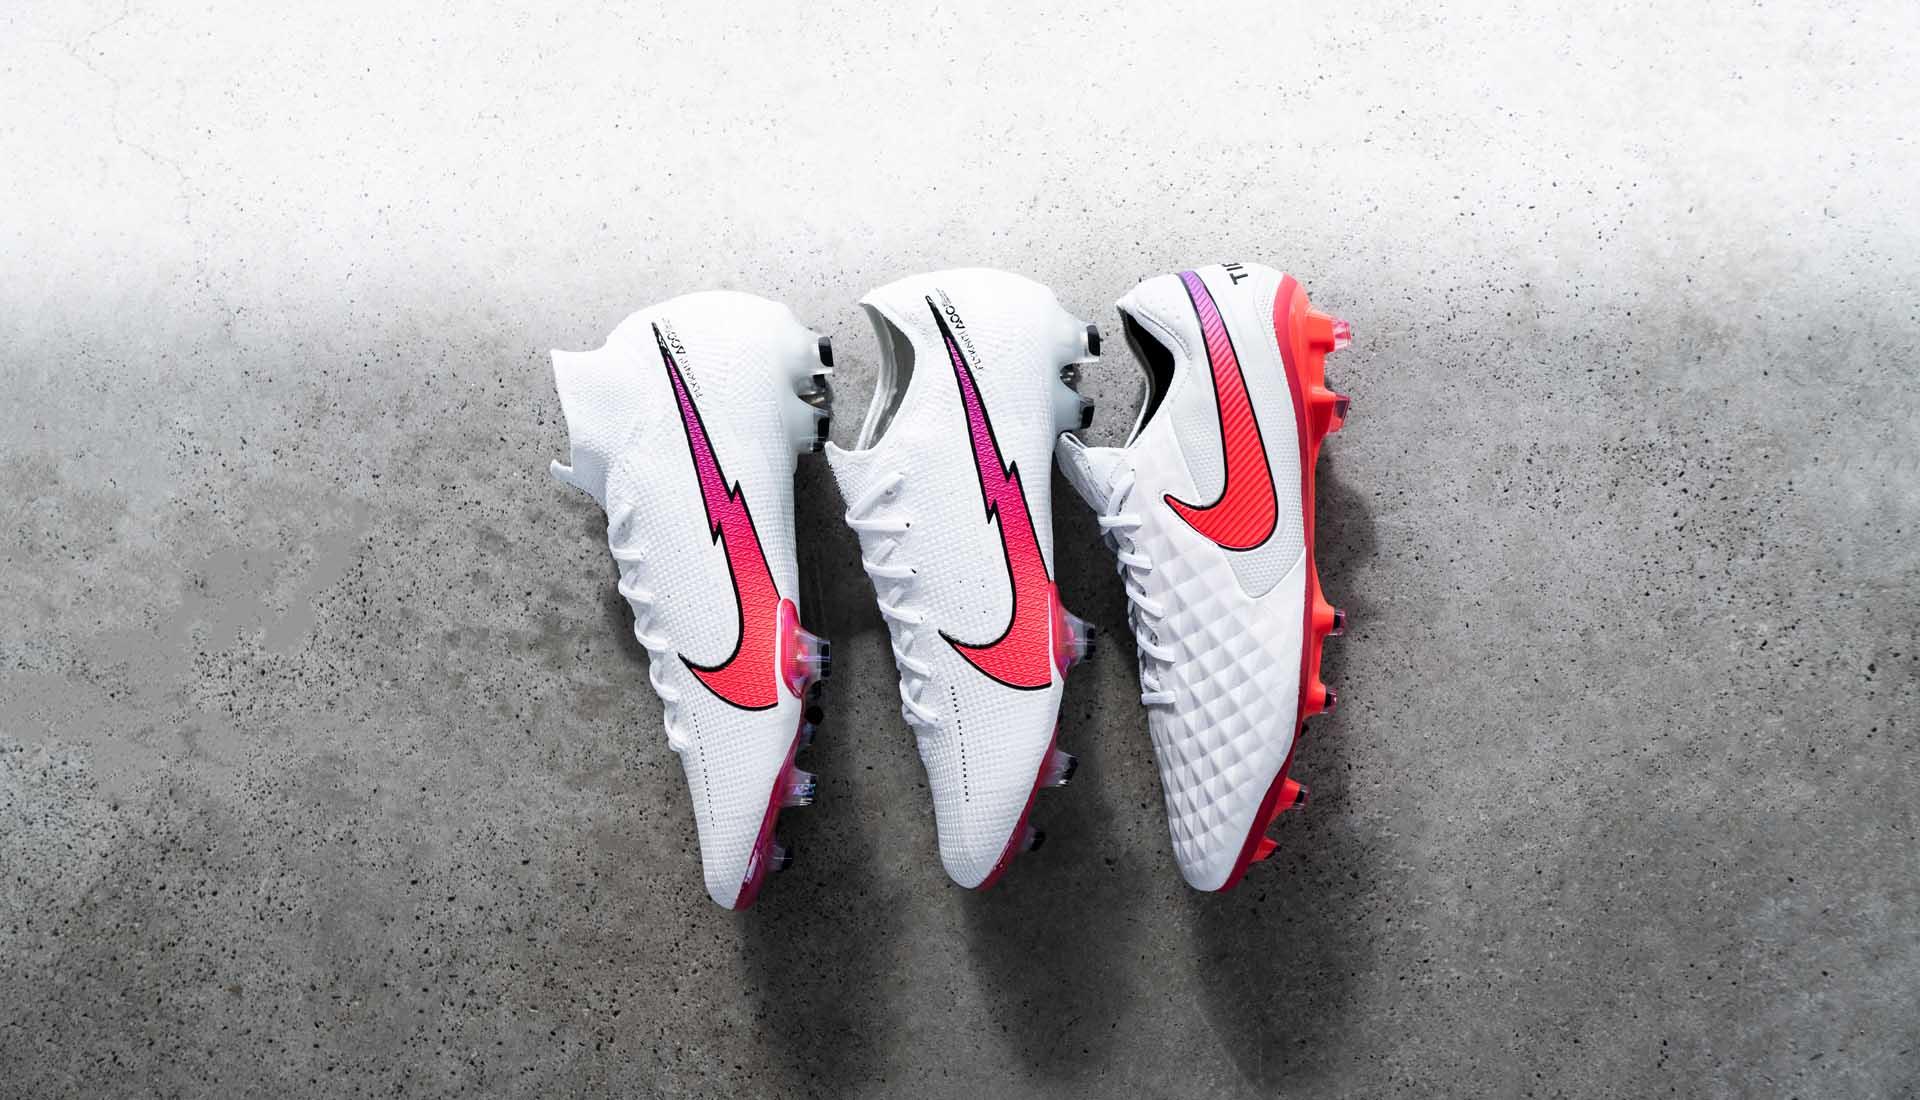 Nike ra mắt bộ sưu tập Flash Crimson Pack với gam màu trắng vạch đỏ đẹp mắt